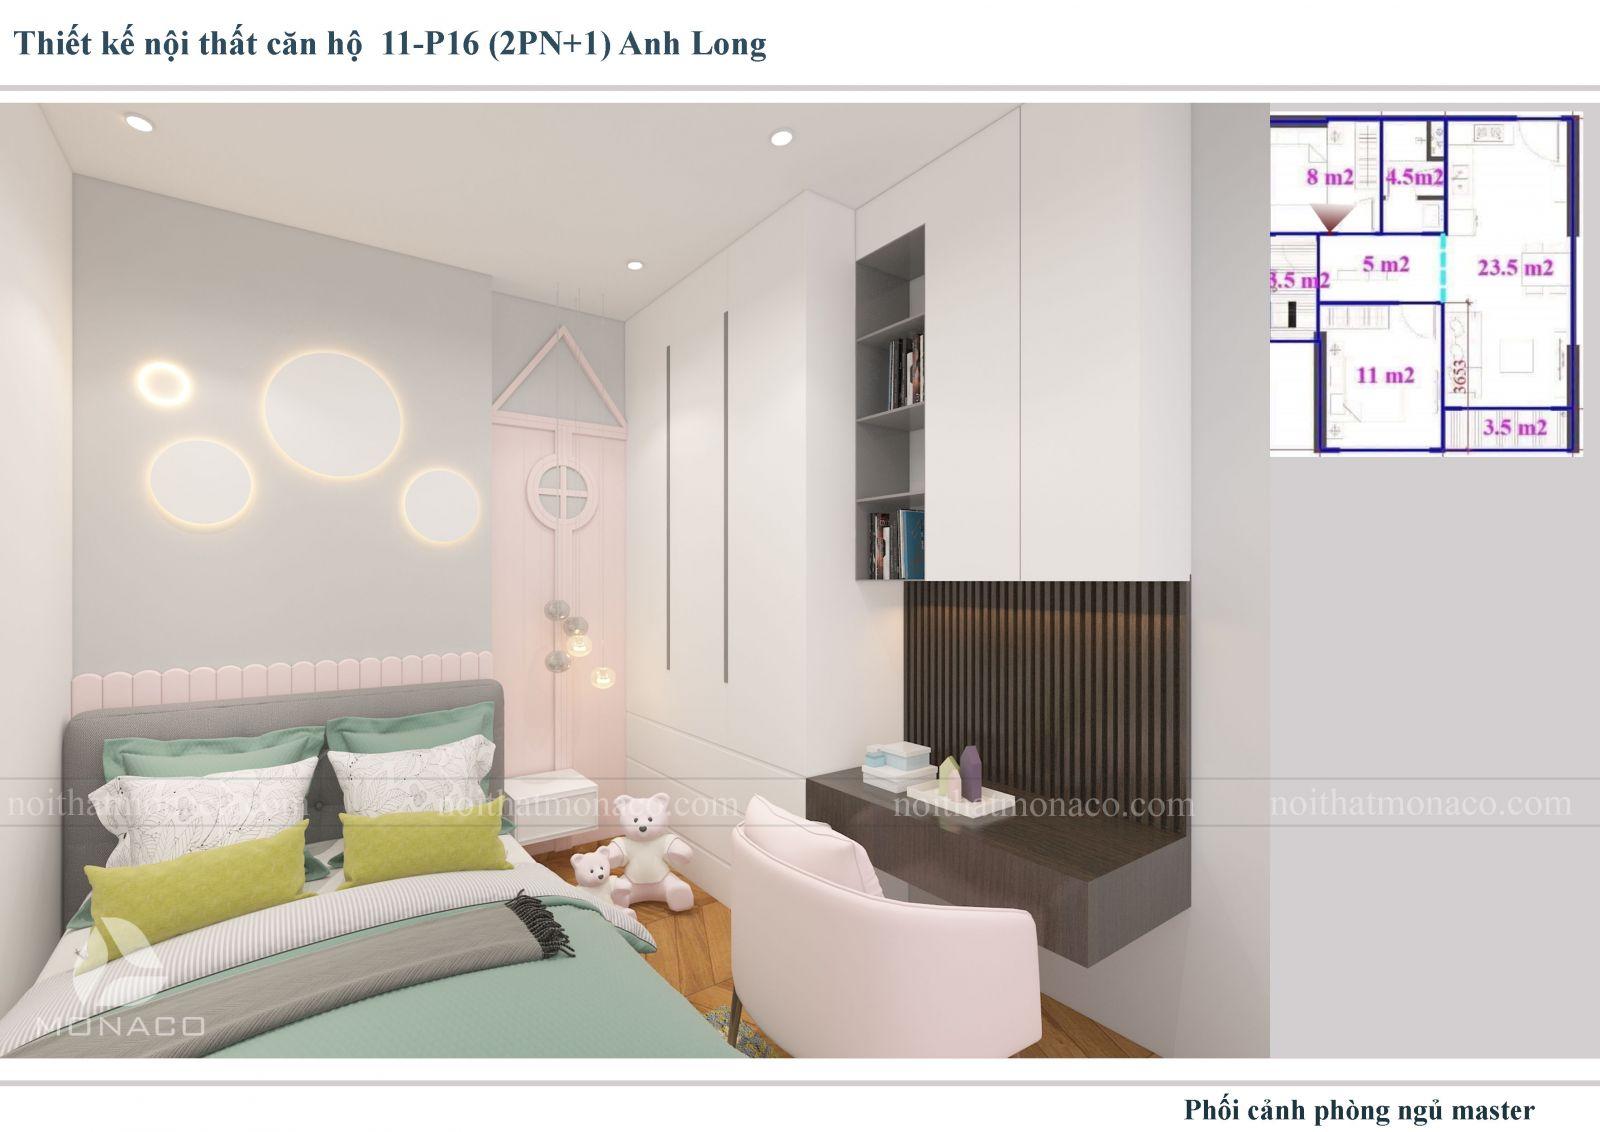 Thiết kế nôi thất phòng ngủ cho bé 2 chung cư Vinhomes Ocean Park